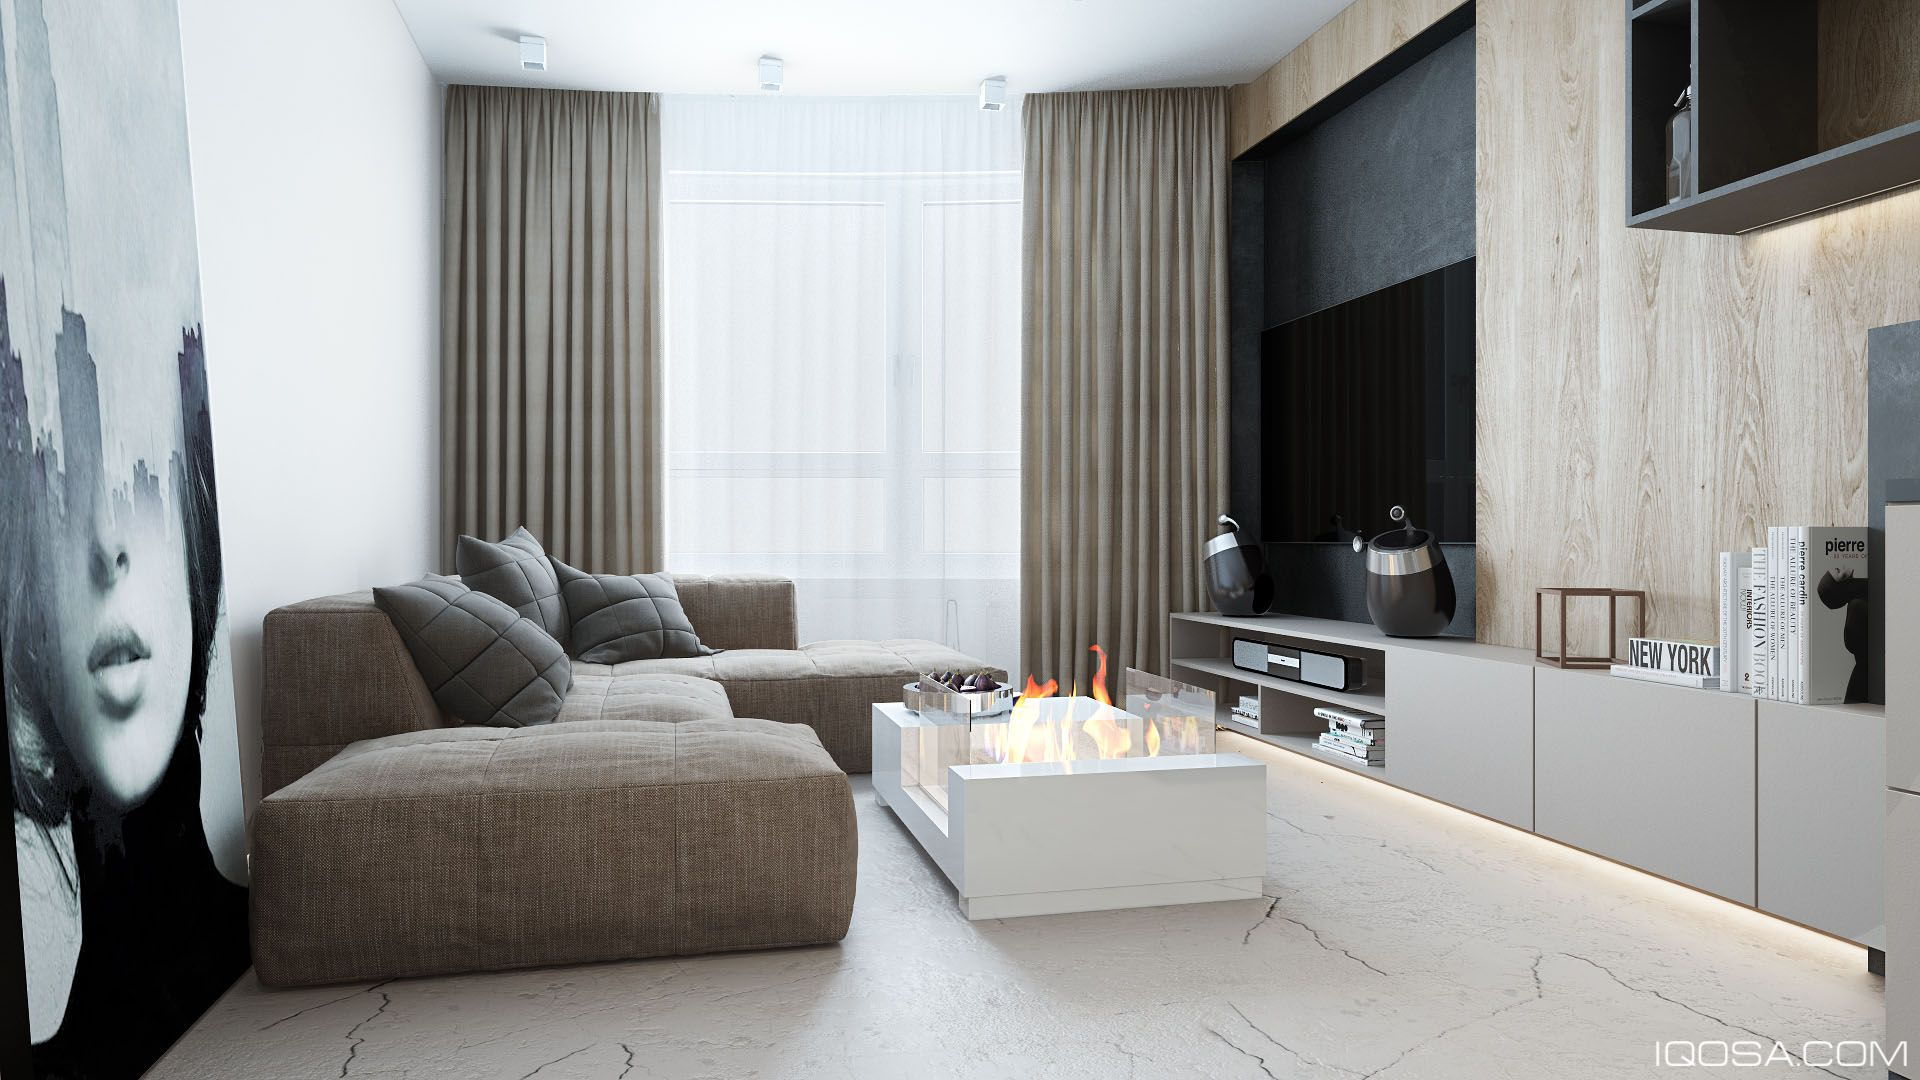 Park apartment. #iqosa #design #architect #architecture #interior #interiordesign